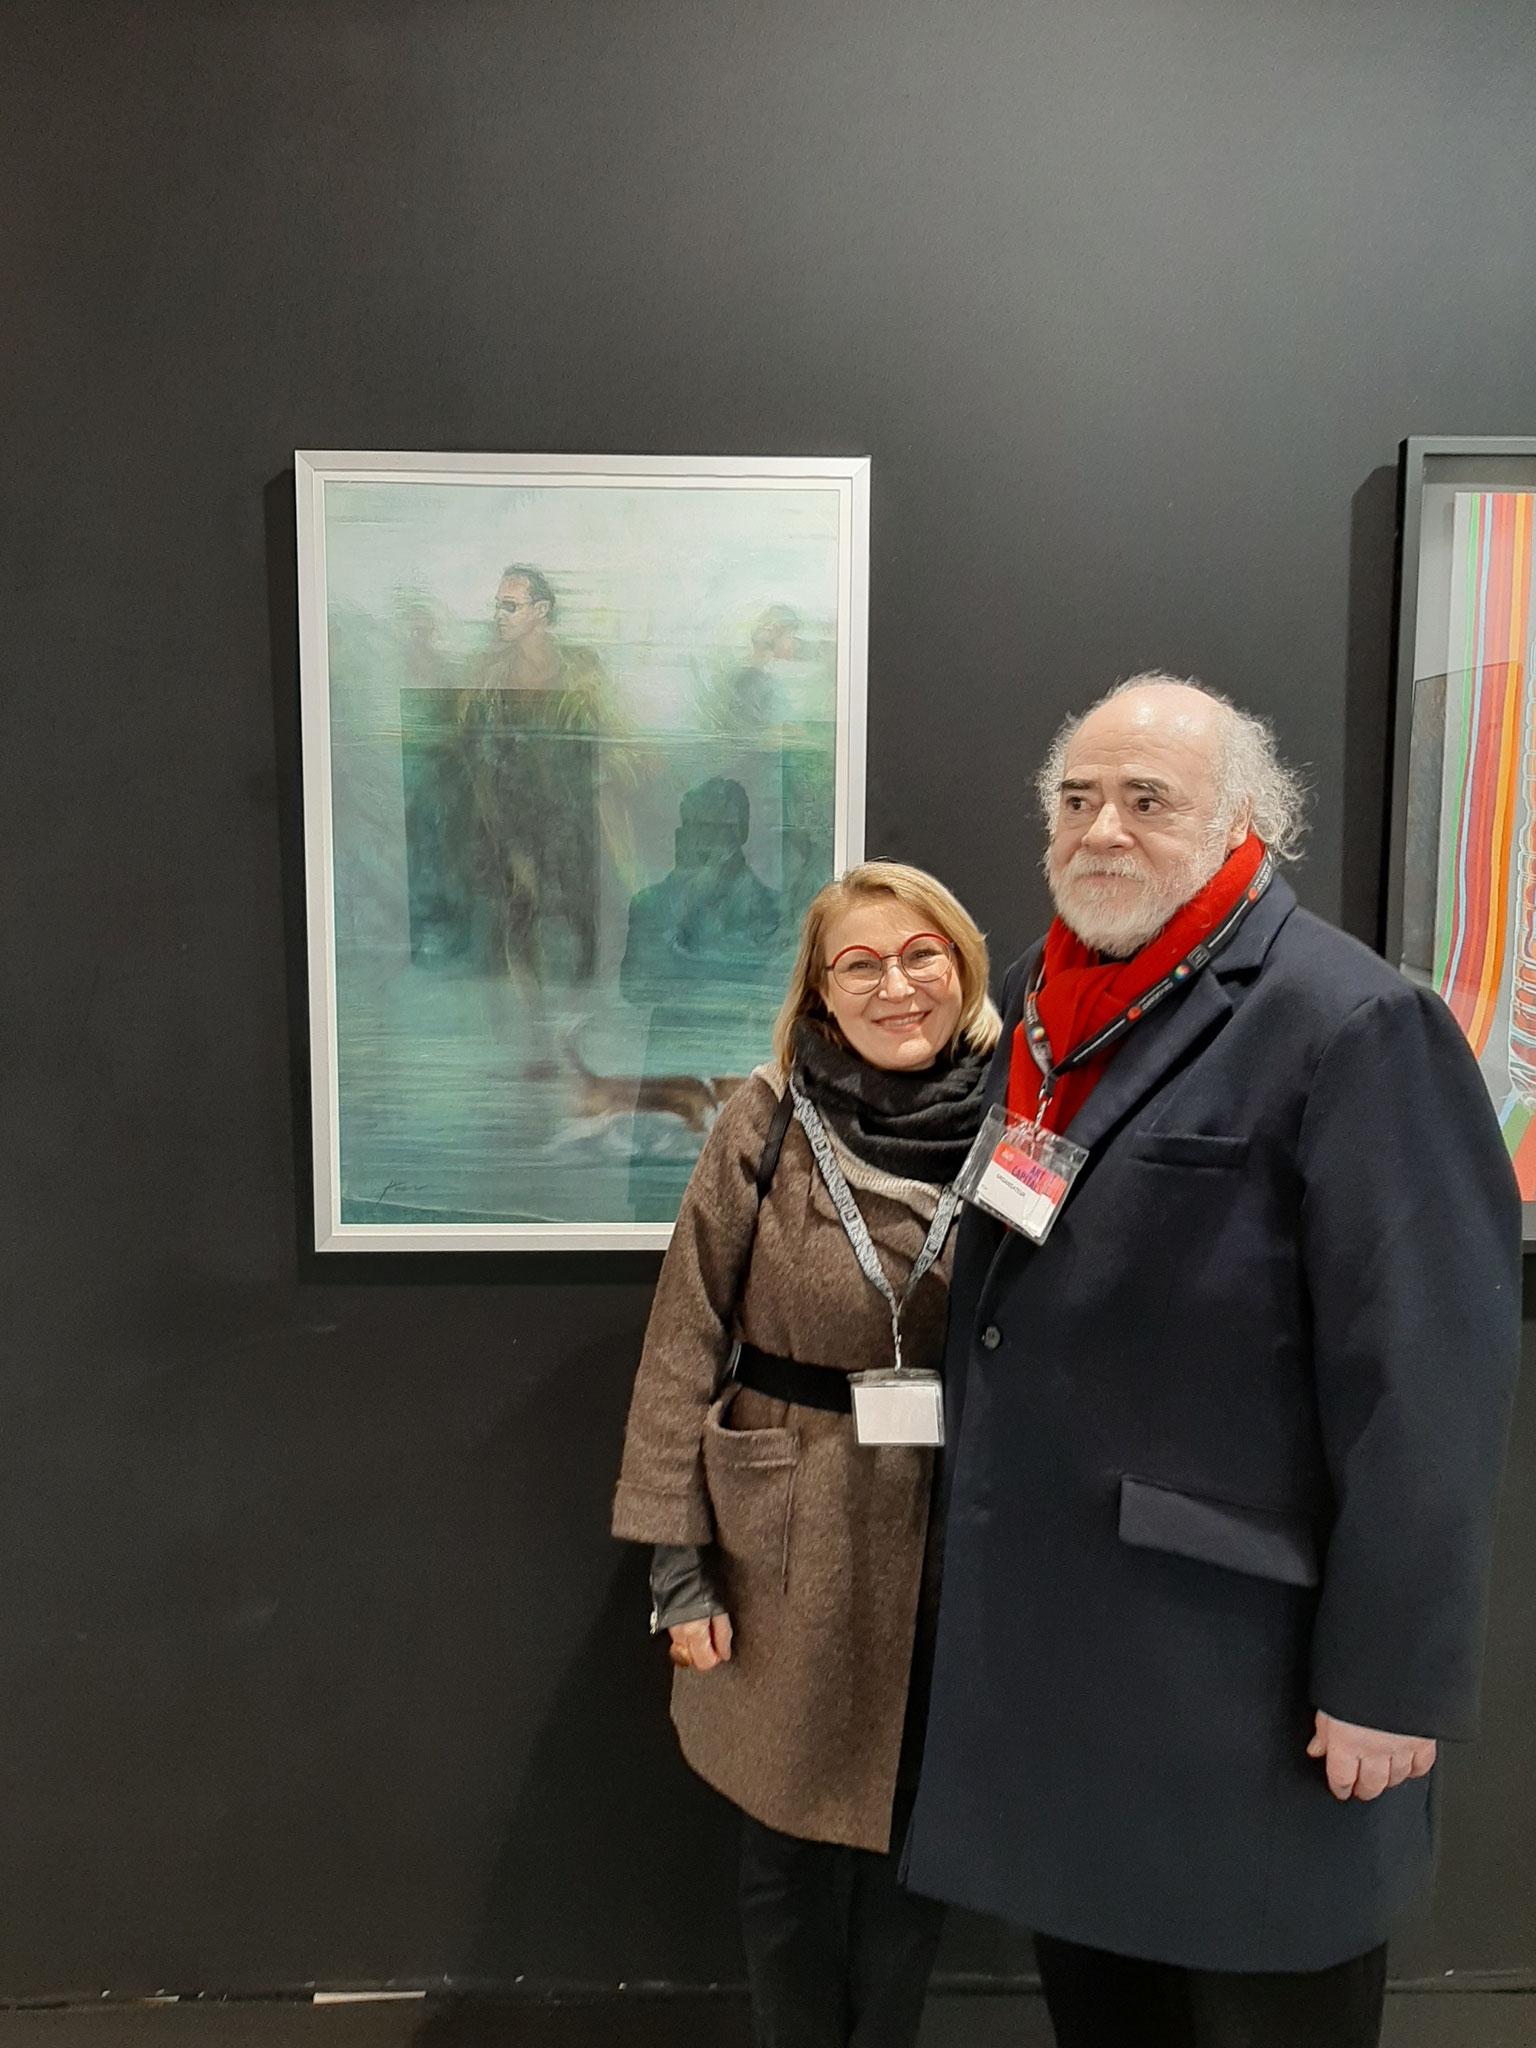 Daniel GALAIS Artiste peintre exposant et Président de cette exposition